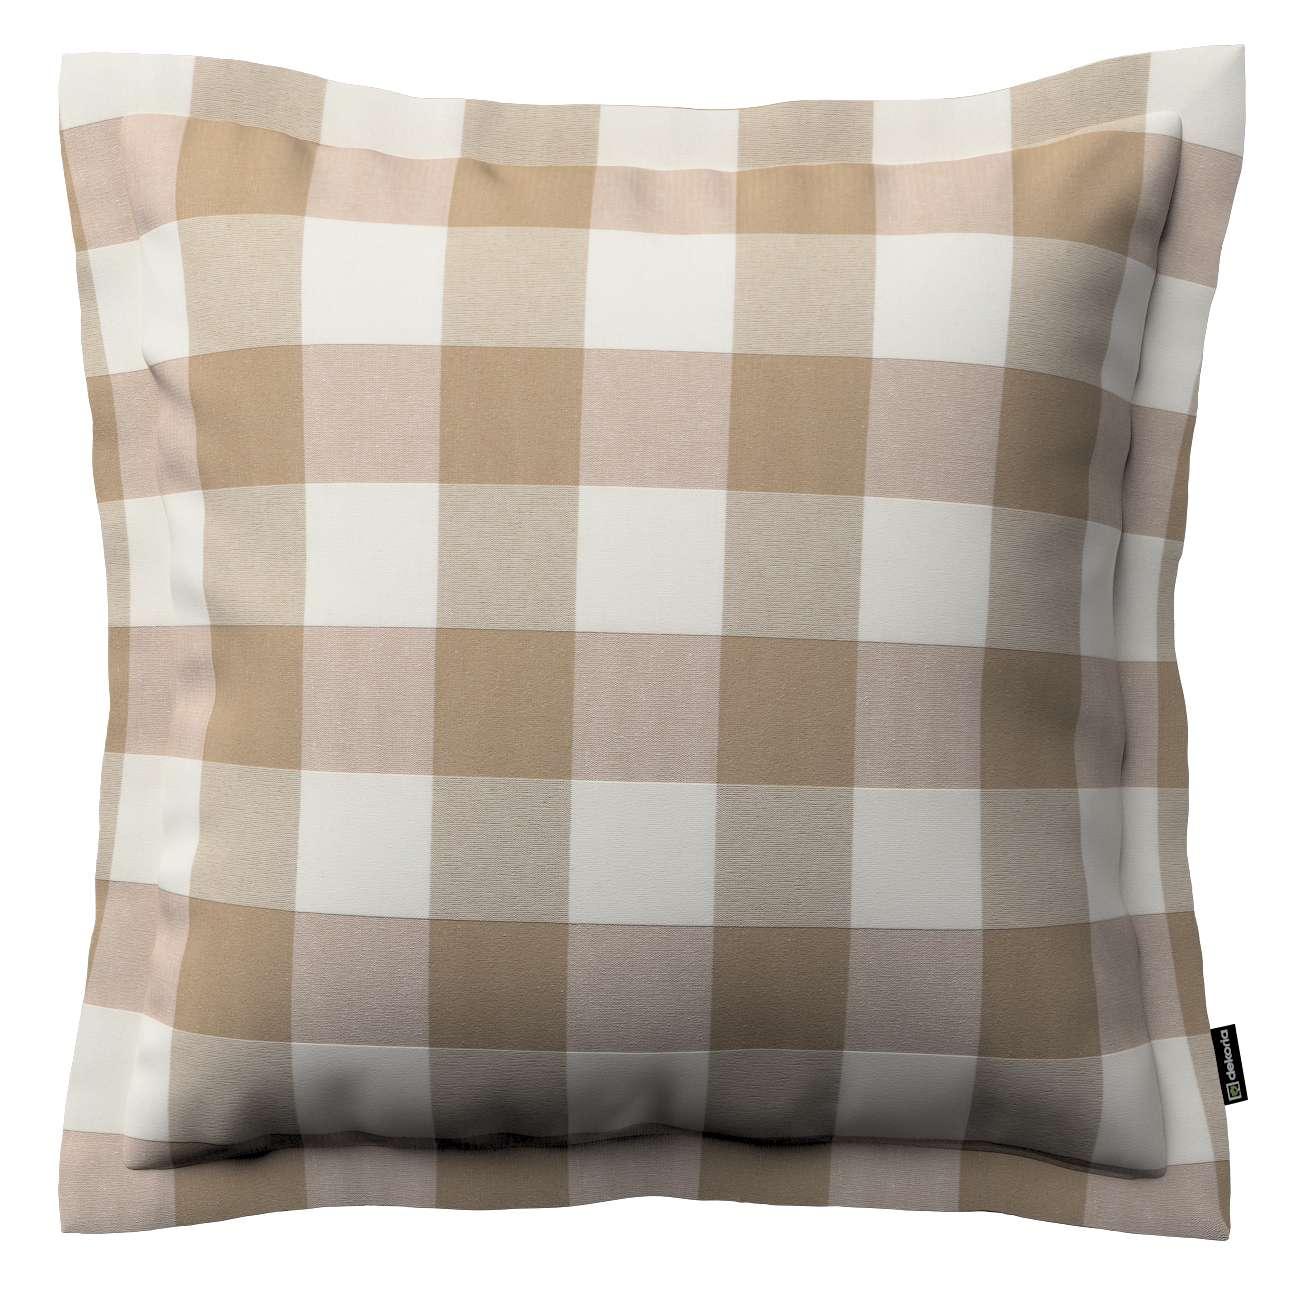 Poszewka Mona na poduszkę 45x45 cm w kolekcji Quadro, tkanina: 136-08